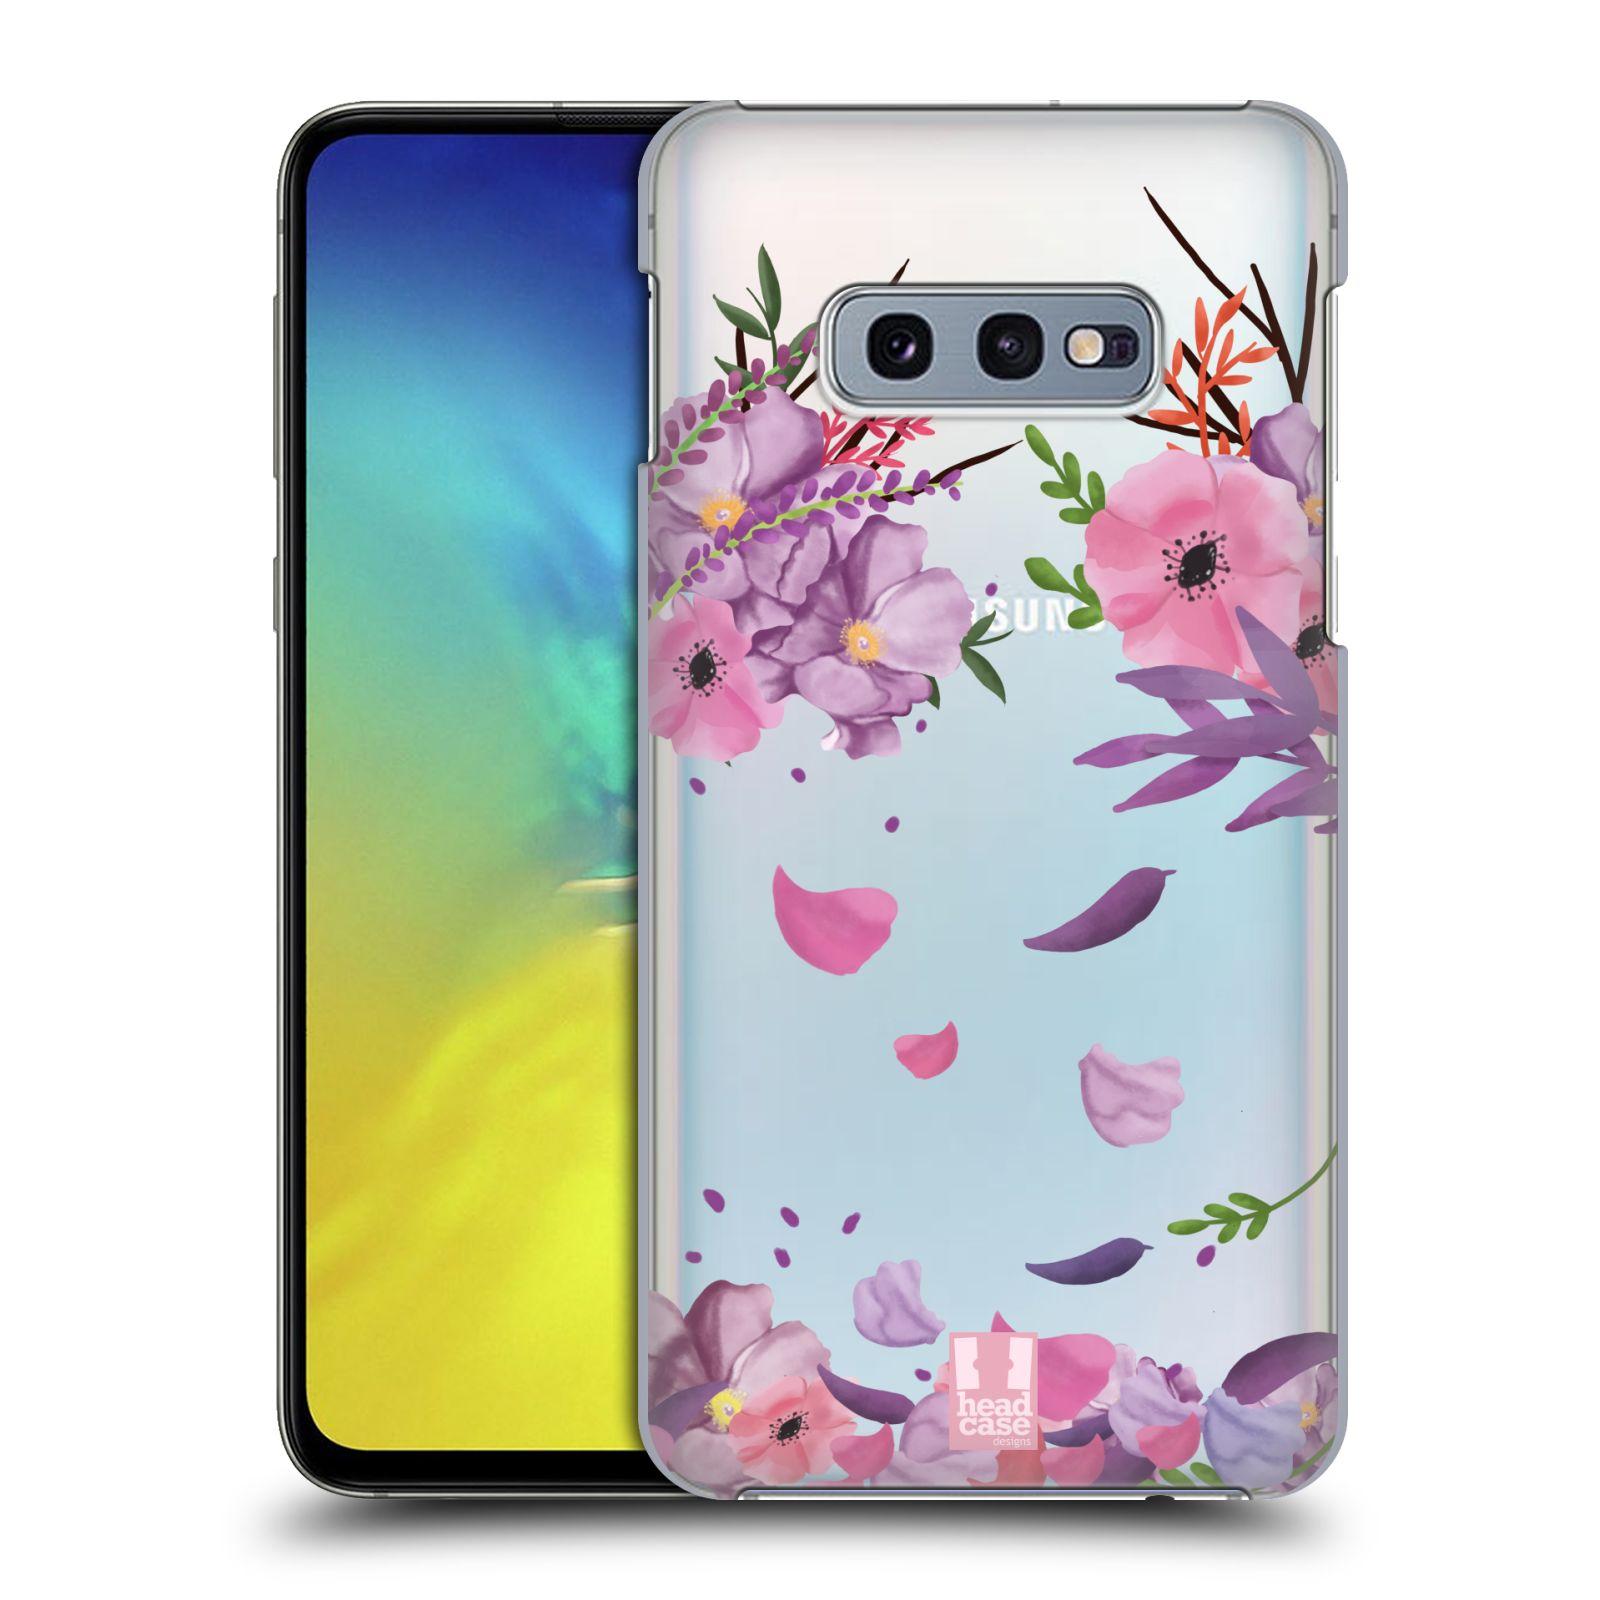 Plastové pouzdro na mobil Samsung Galaxy S10e - Head Case - Okvětní lístky